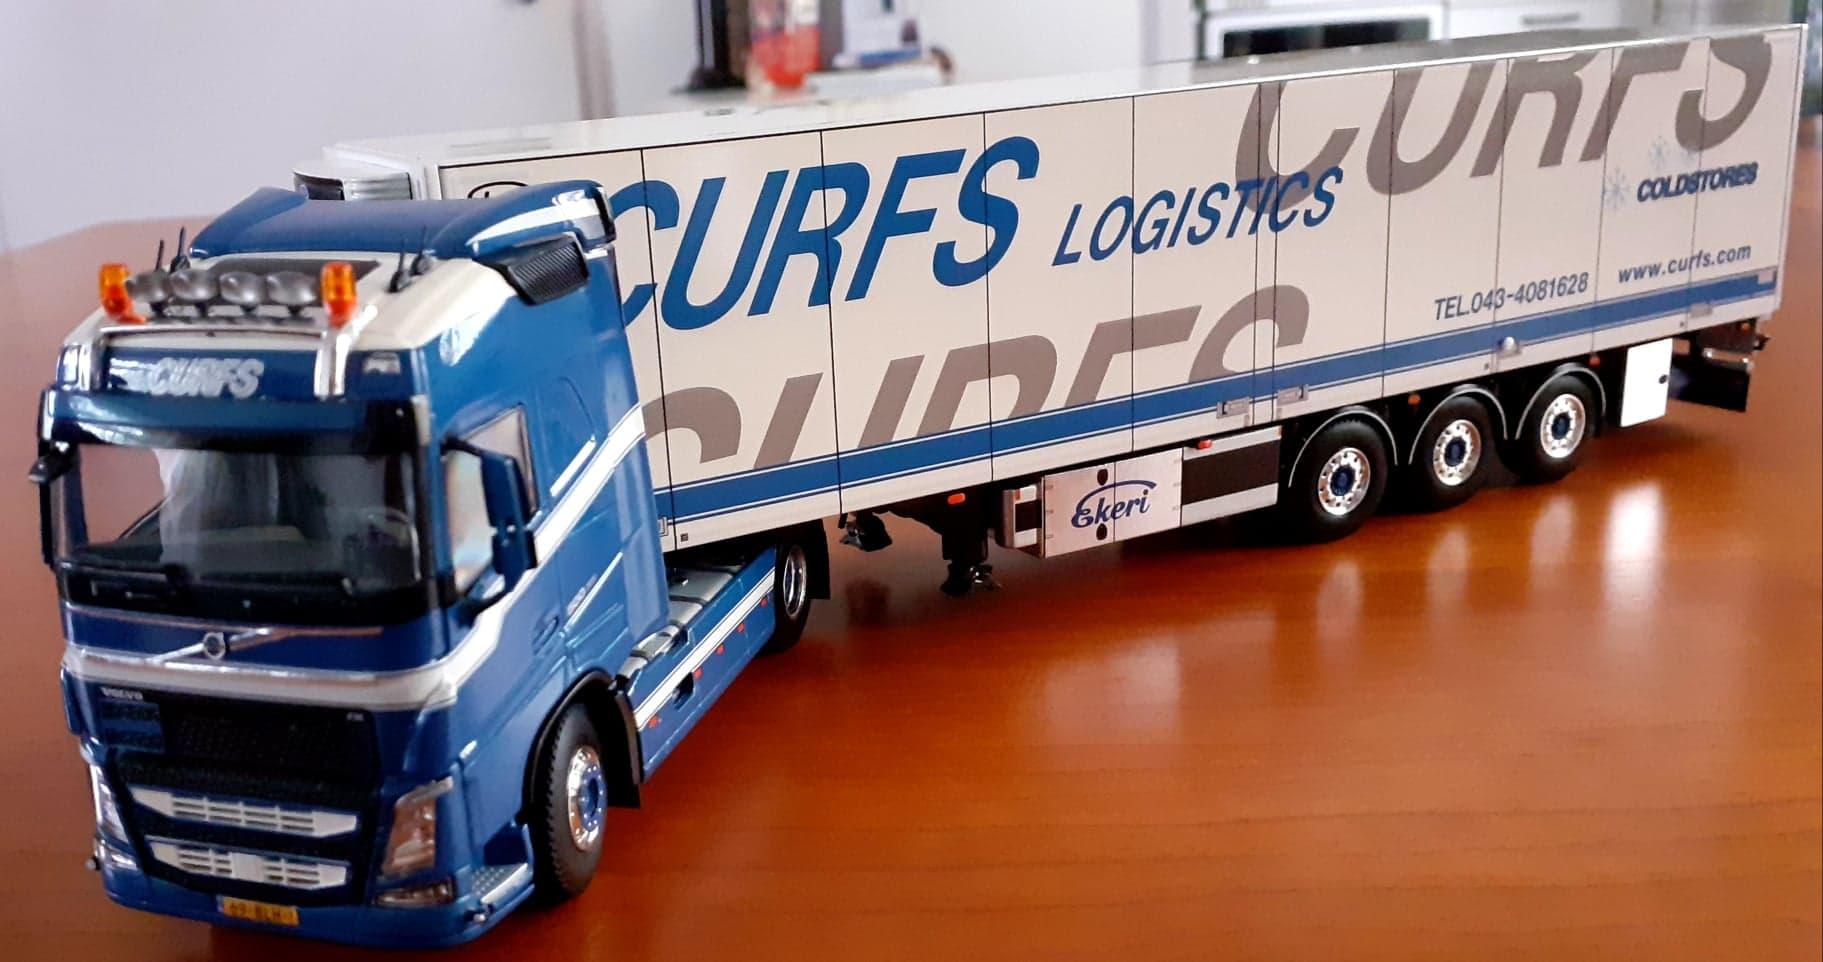 Curfs-Xavier-Walstock-heeft-deze-modellen-bewerkt--(5)